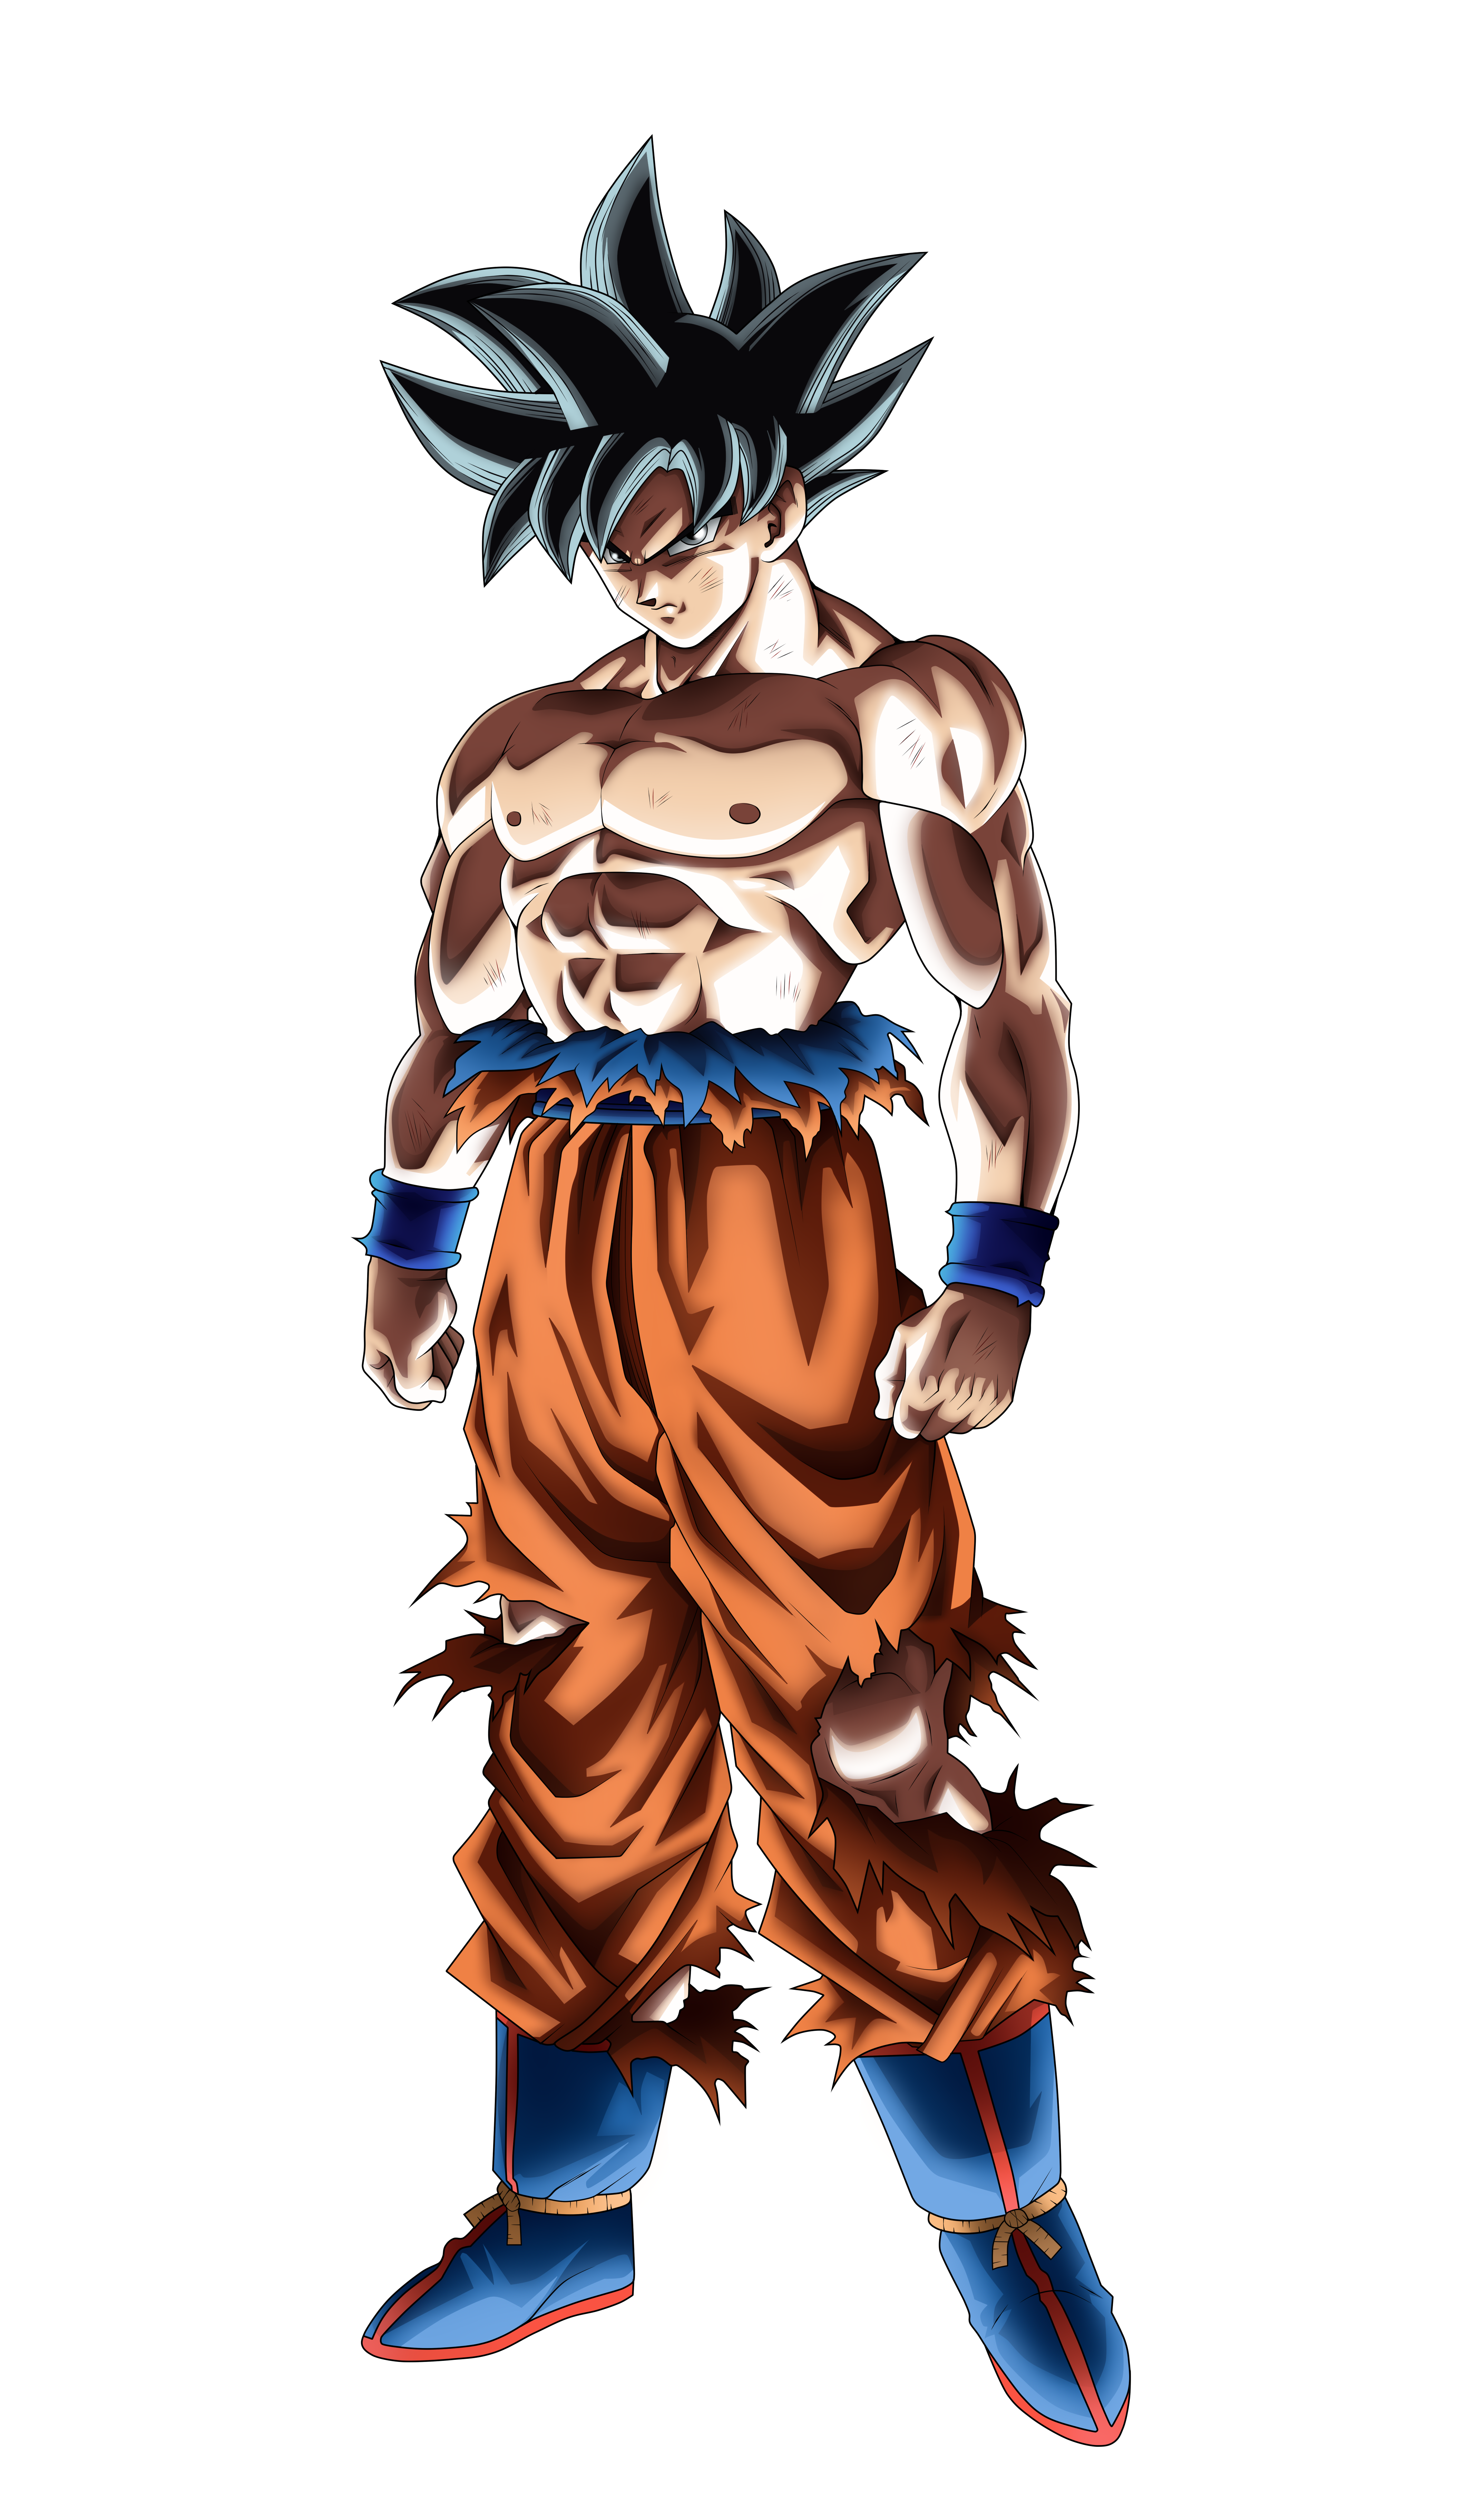 Goku Ultra Instinct No Aura By SonimBleinim On DeviantArt